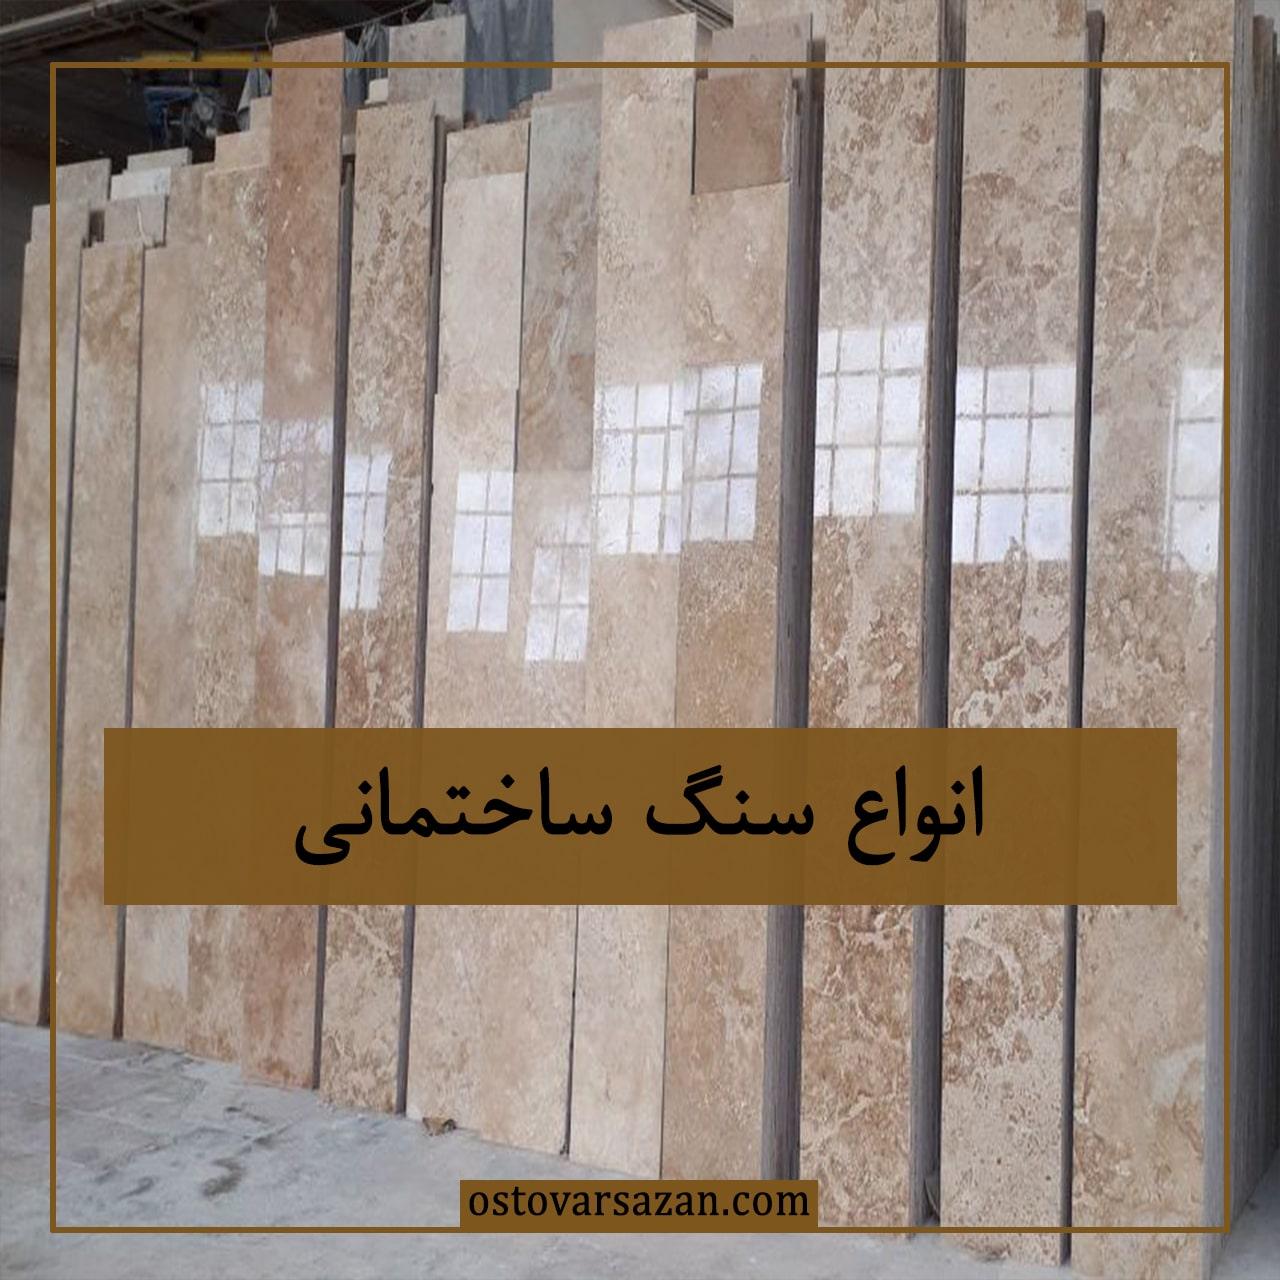 انواع سنگ ساختمانی - استوارسازان